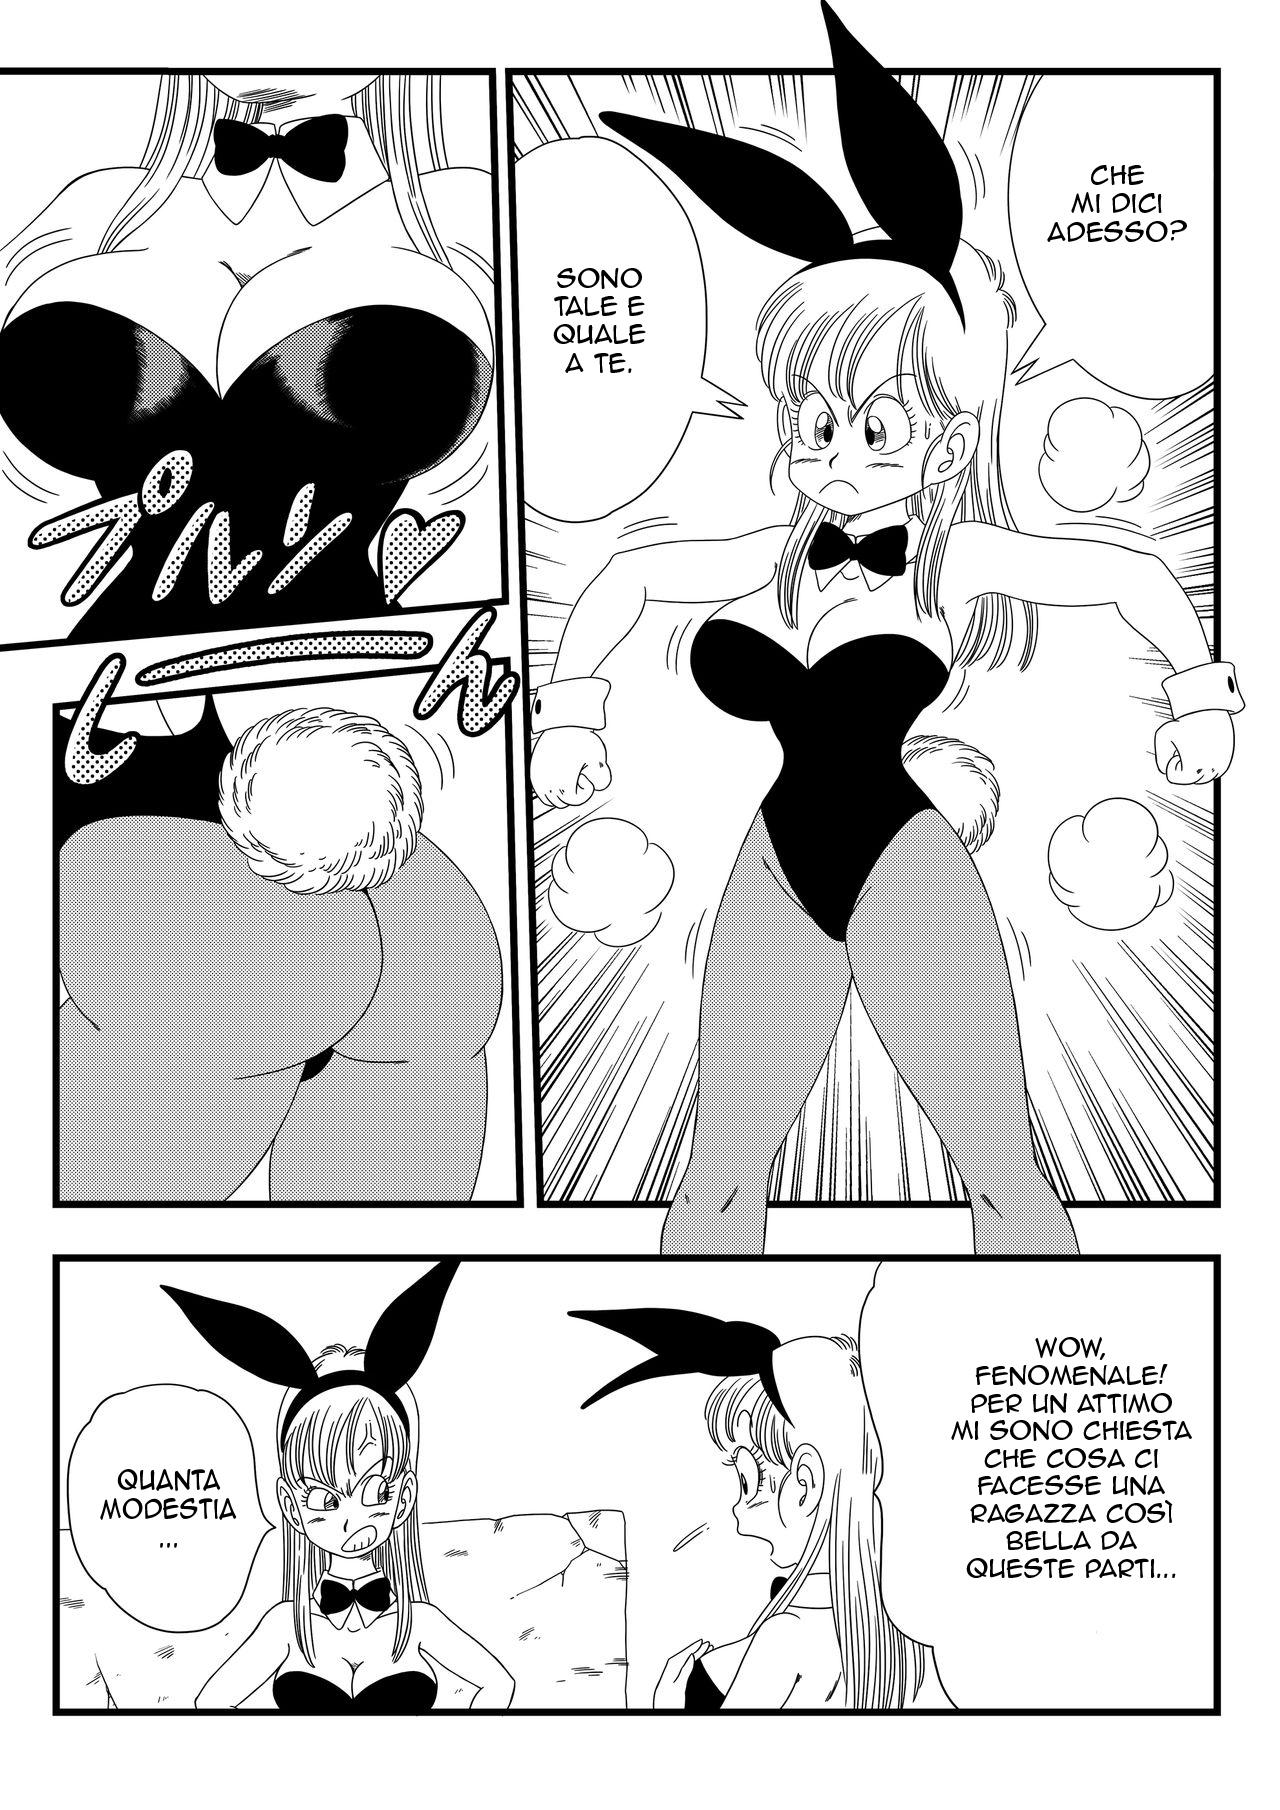 trasformazione Hentai porno